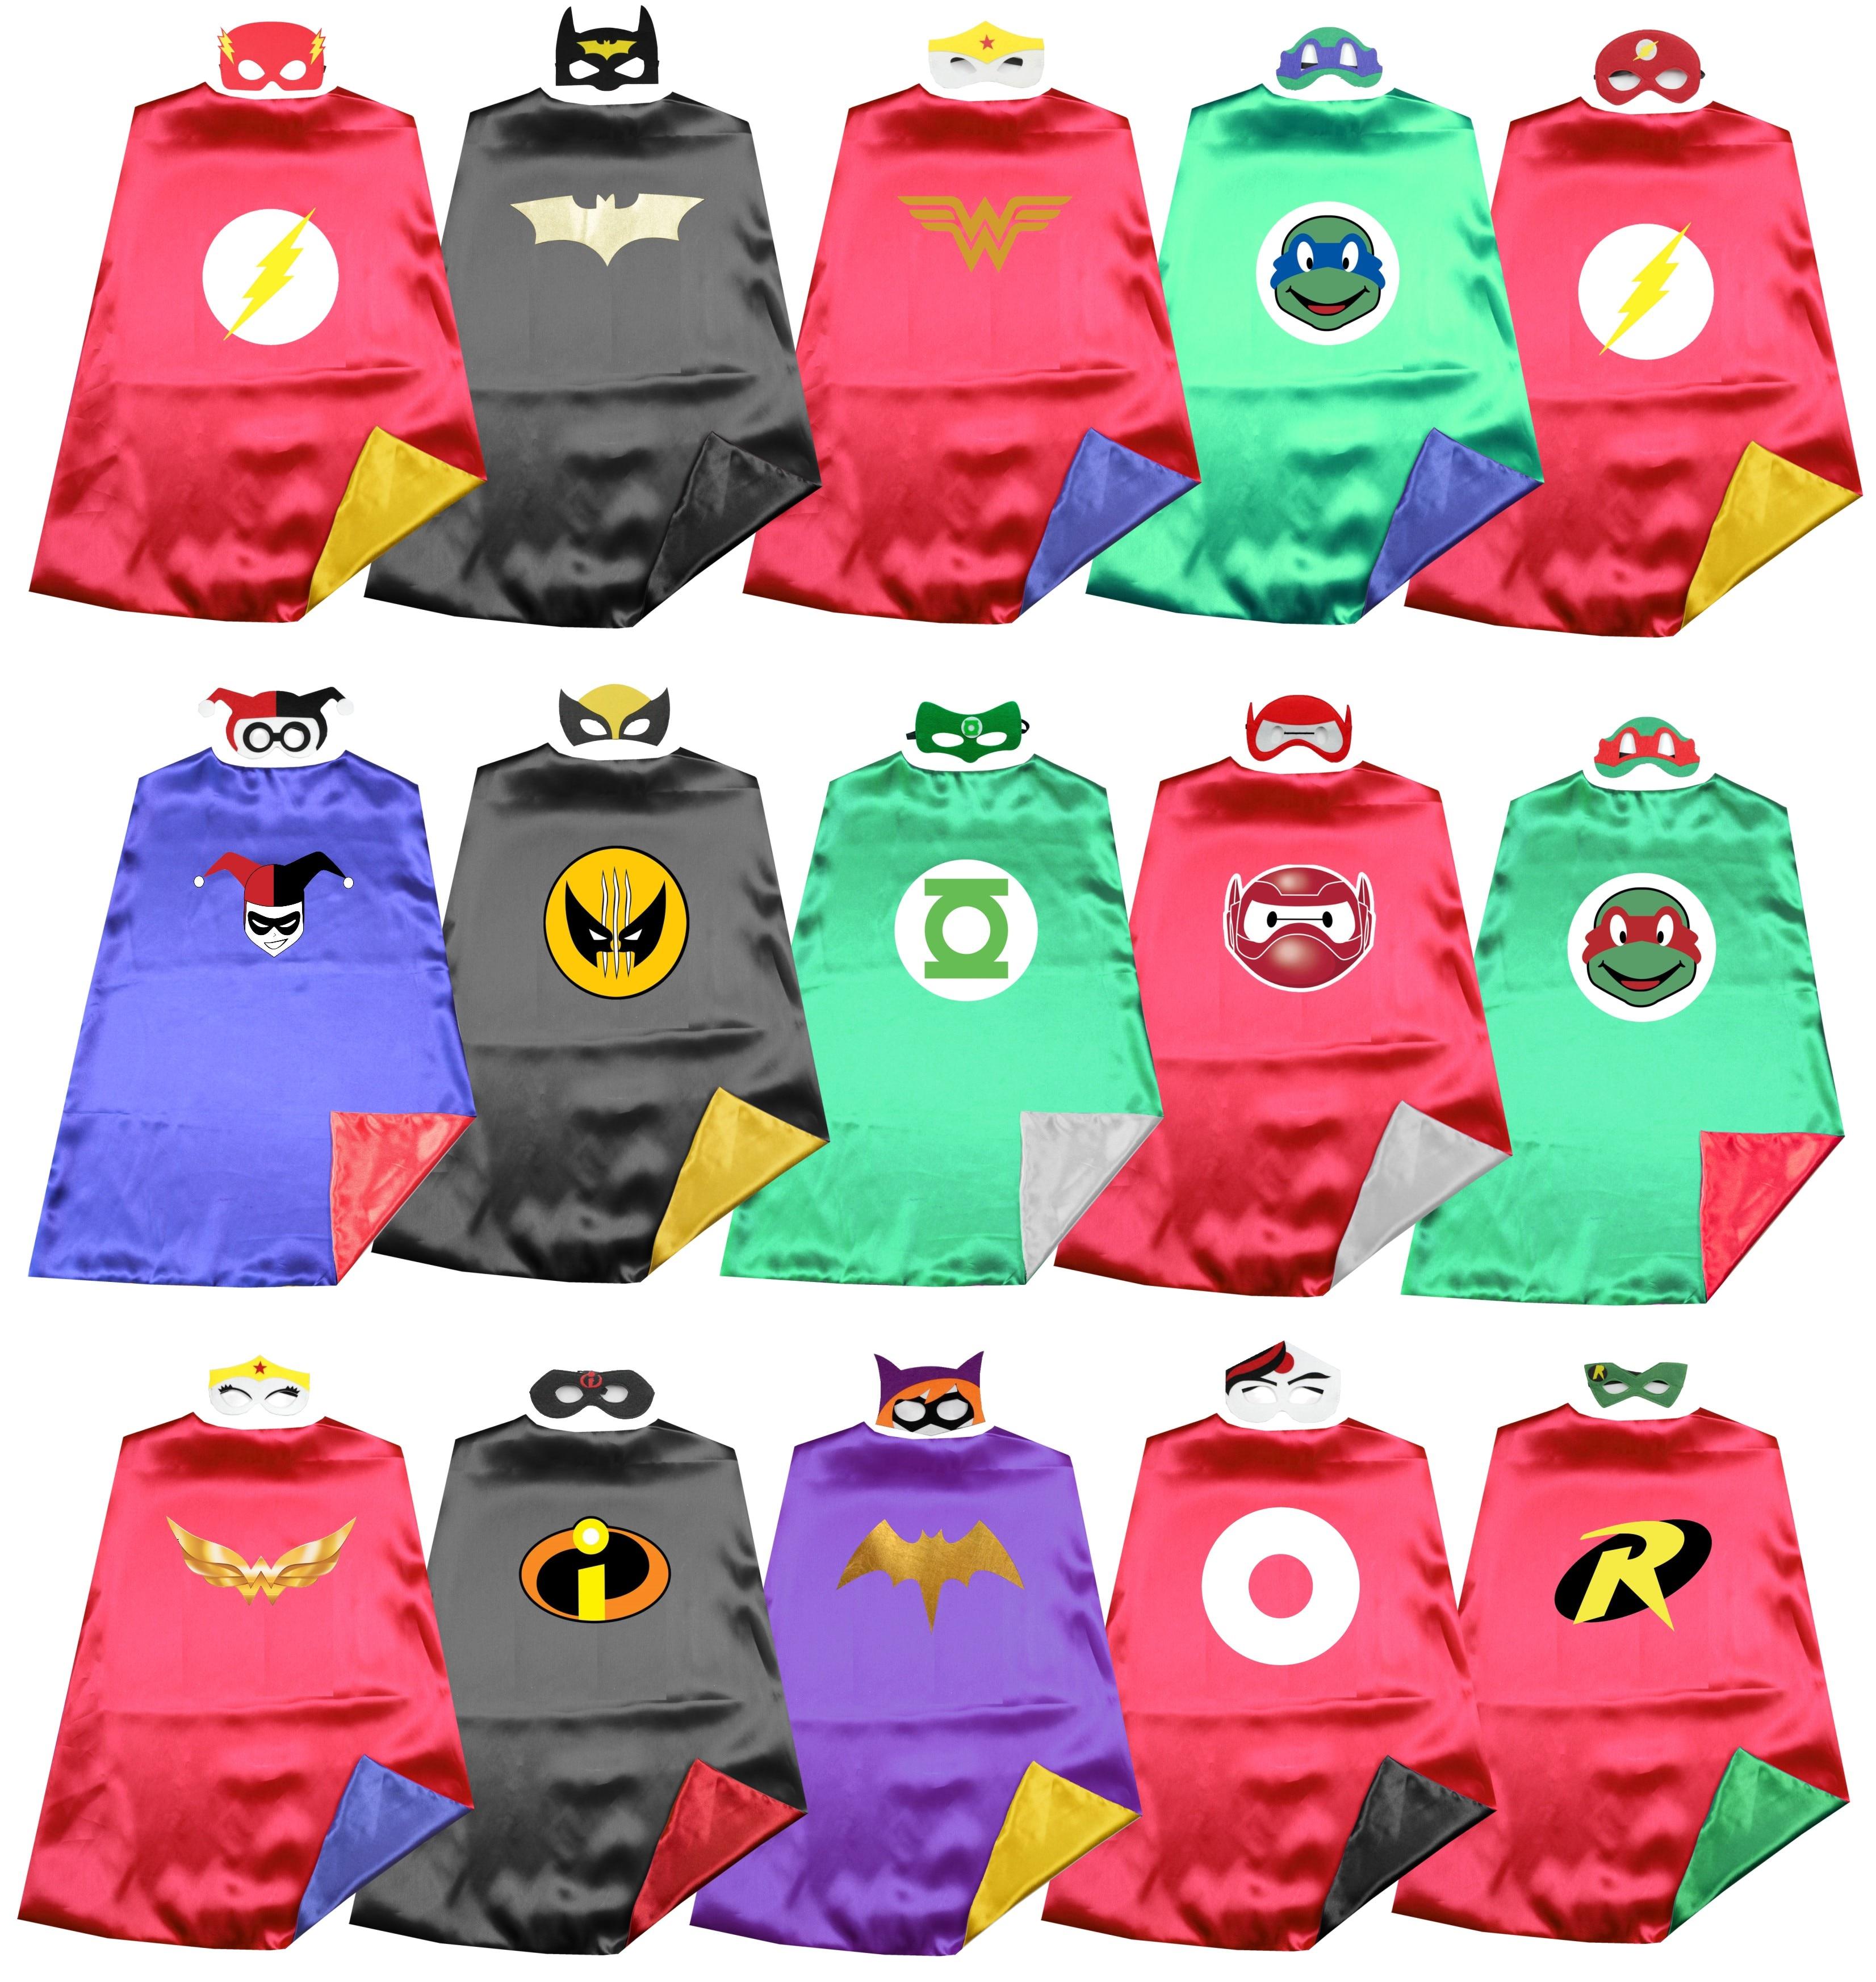 Disfraz De Batman Deluxe Chicos Superhéroe Halloween Vestido de fantasía Traje de la Liga de la justicia